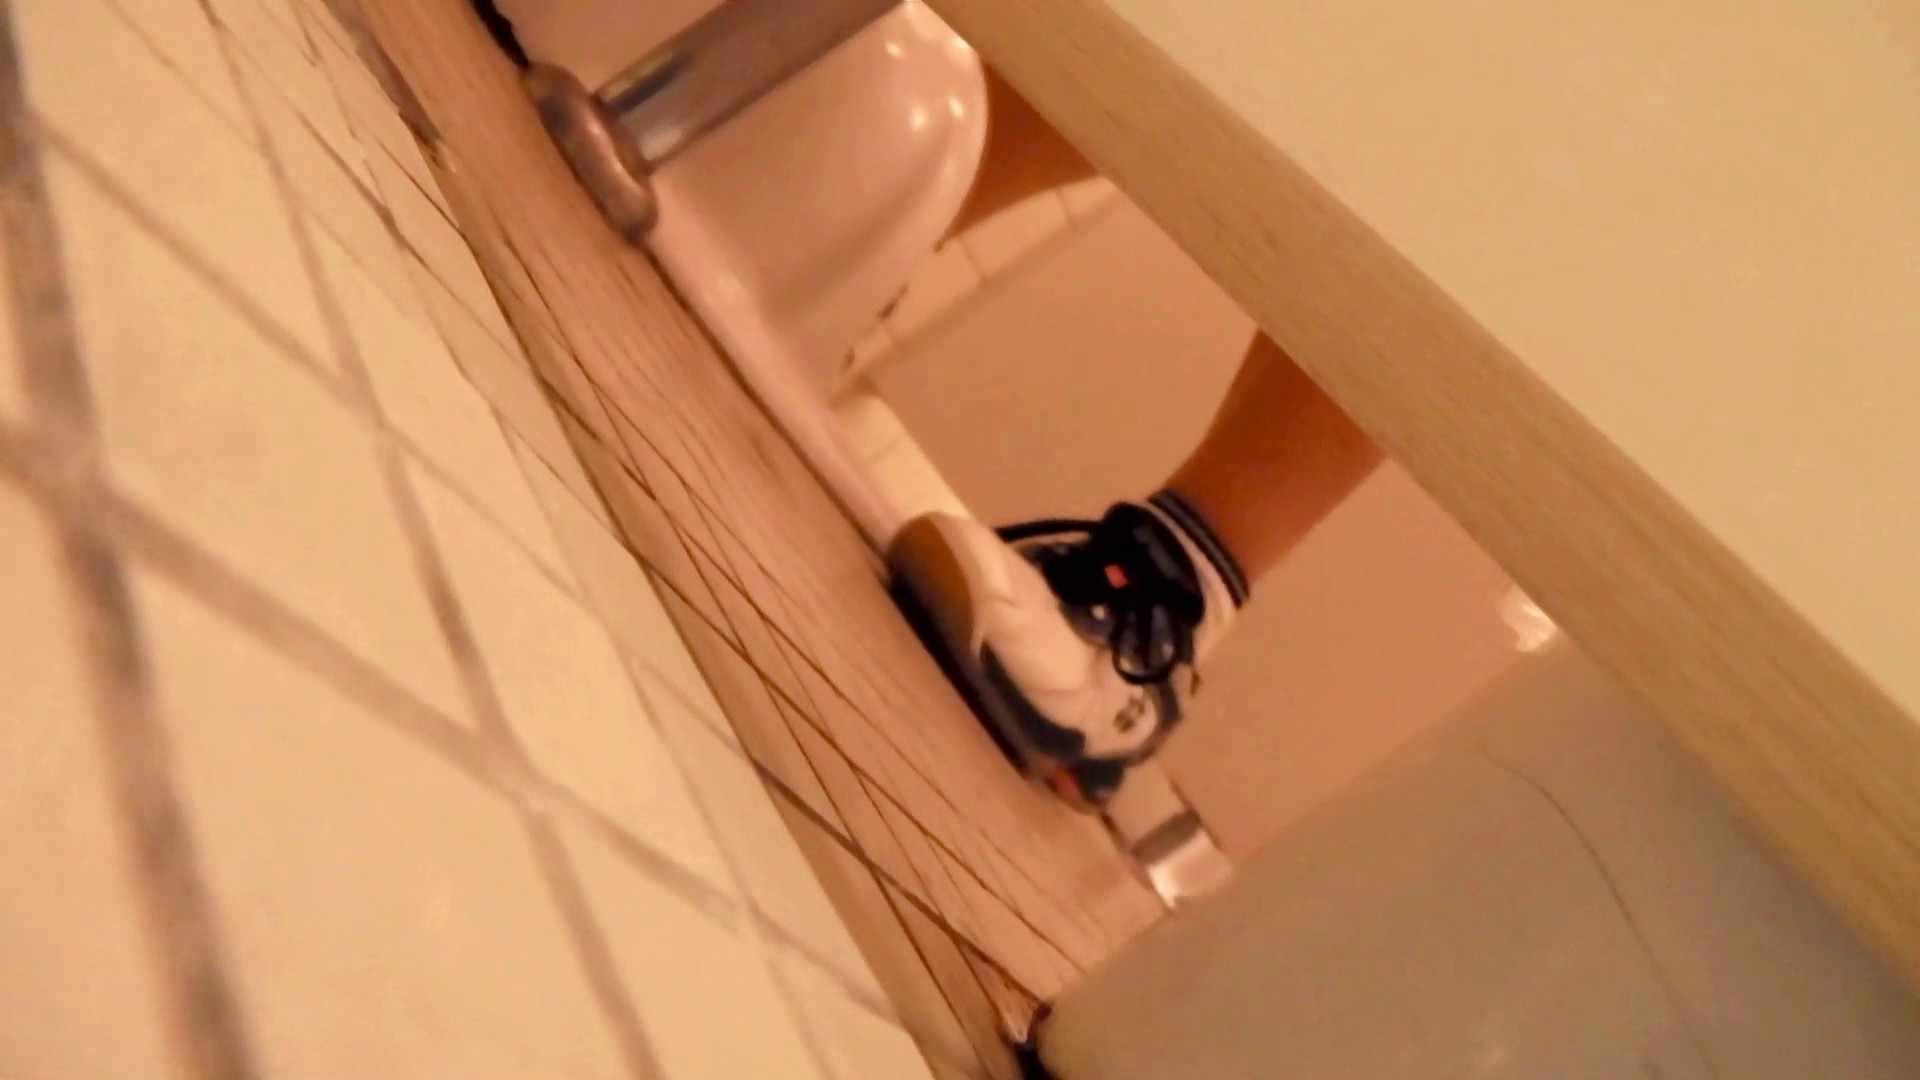 第三体育館潜入撮 File17 大・小・その他色々、ぎっしり詰まった一本 洗面所 SEX無修正画像 97画像 68